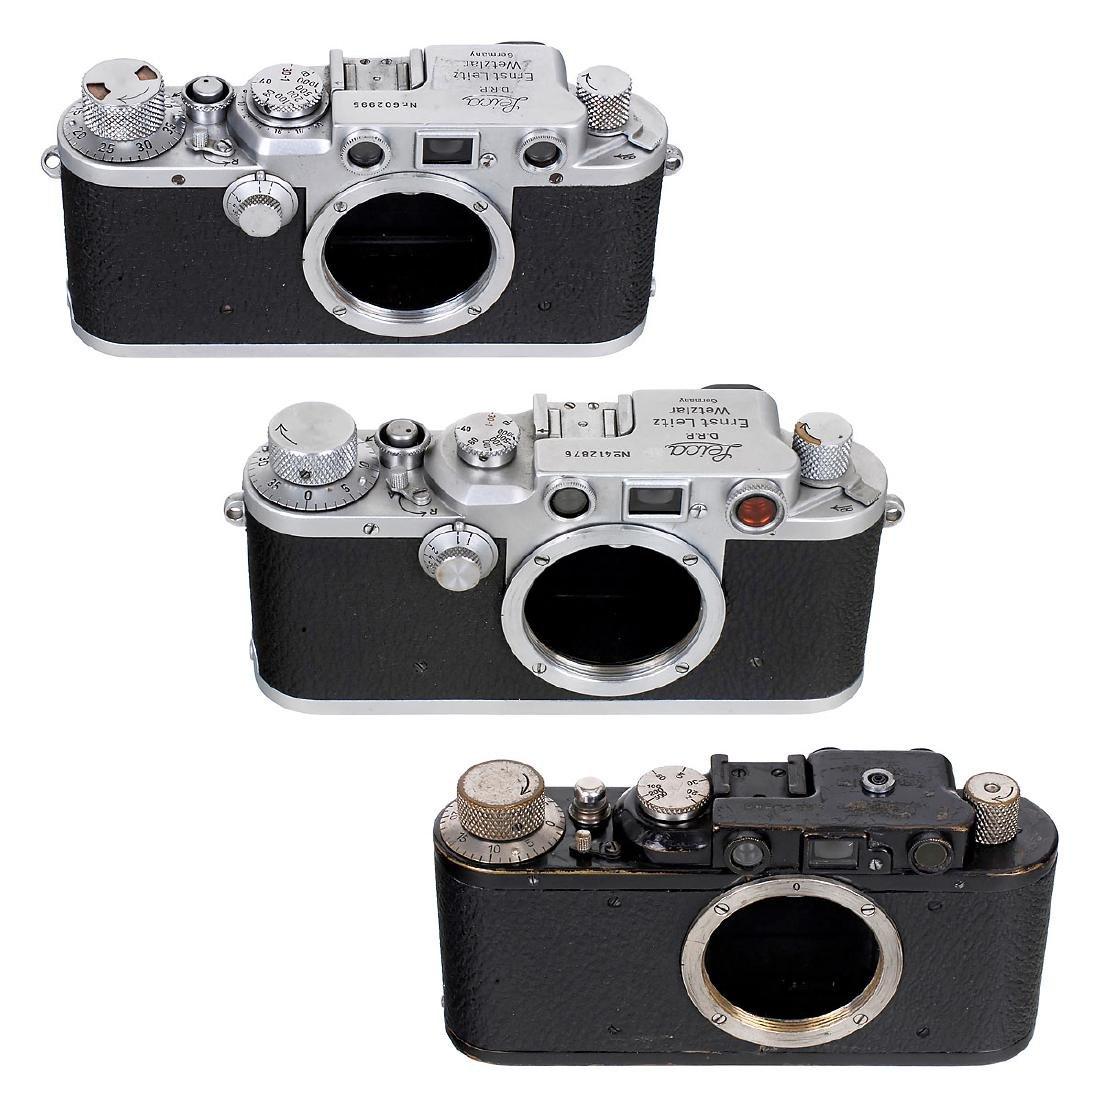 Leica II, IIIc and IIIf